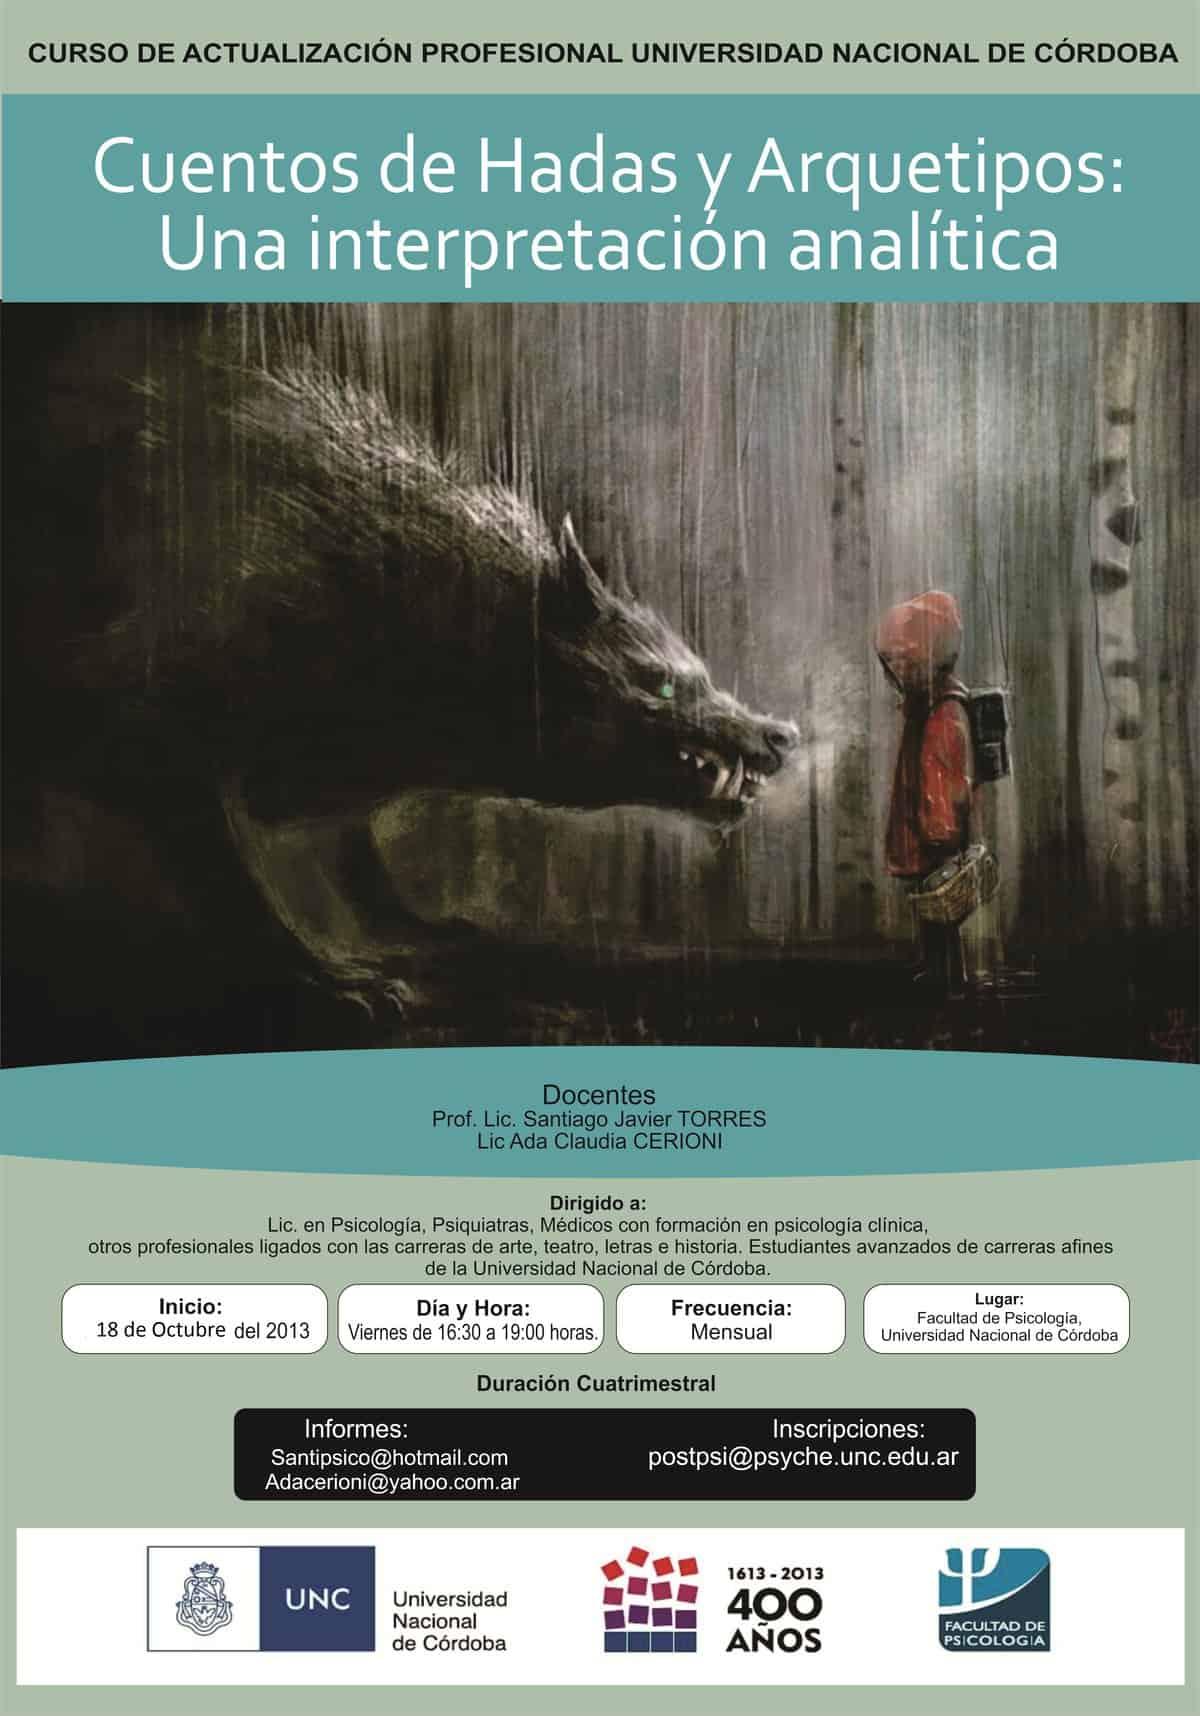 cuentos hadas arquetipos interpretacion analitica FPAJ fundacion psicología analitica junguiana